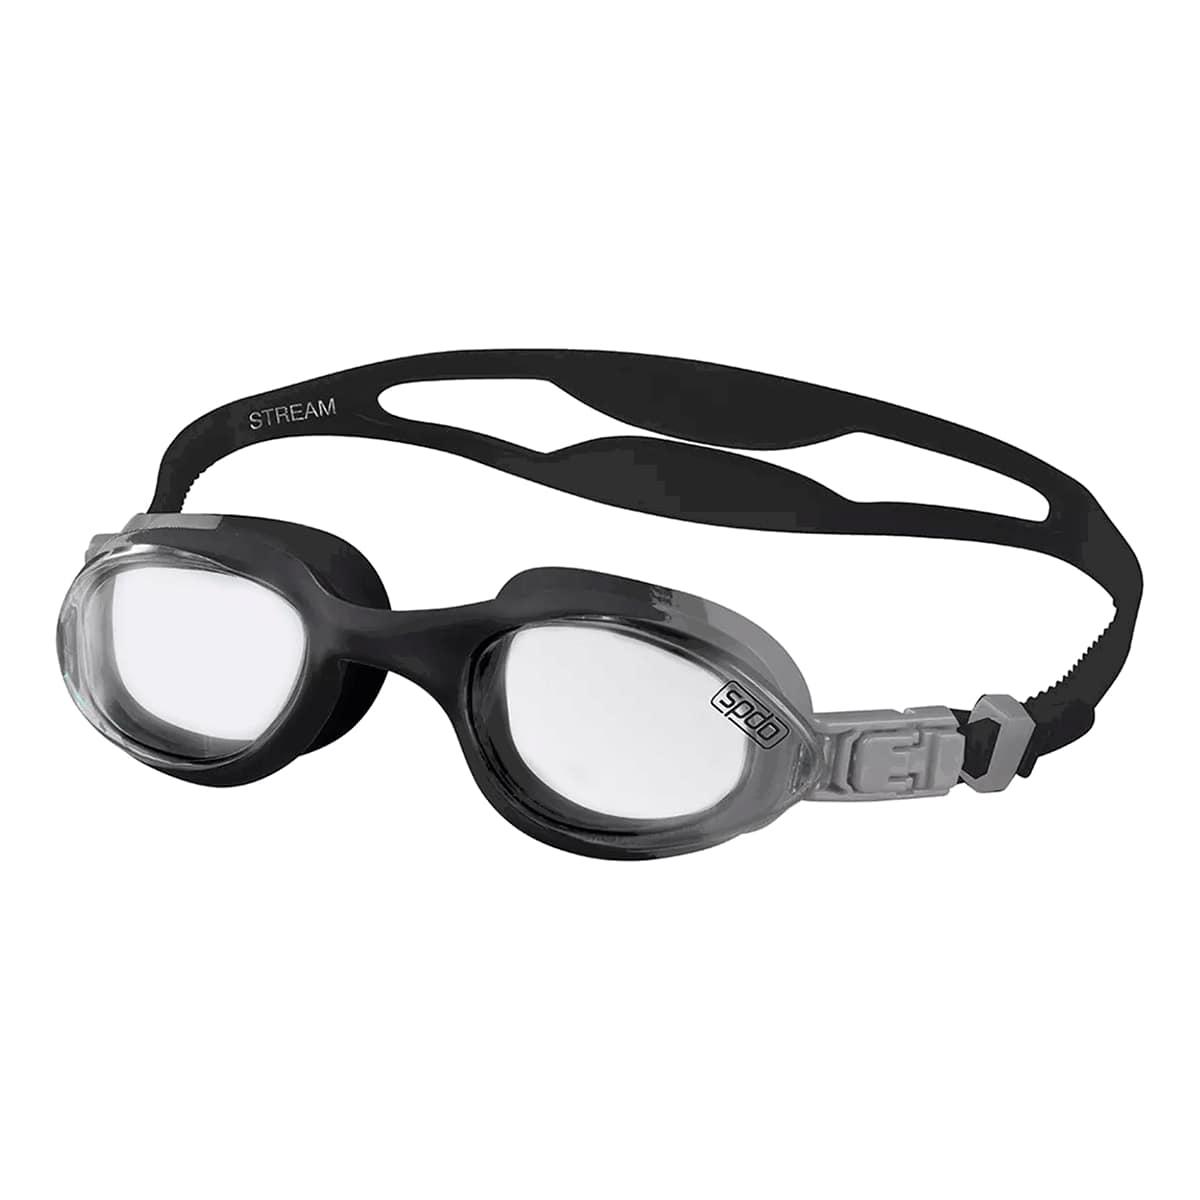 Óculos Natação Speedo Stream Preto Fumê